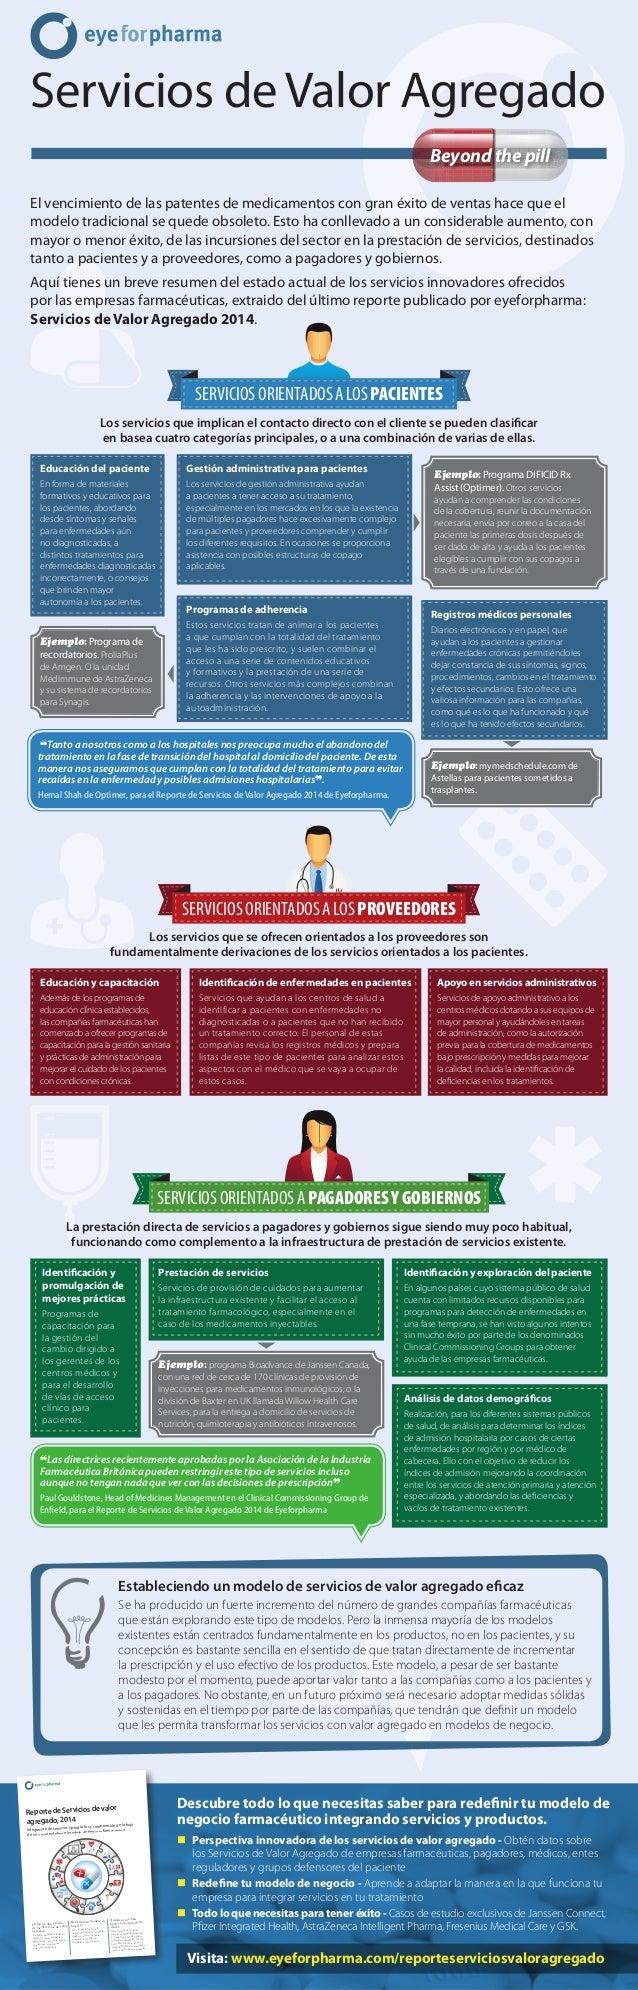 Infográfico Eyeforpharma: Servicios de Valor Agregado